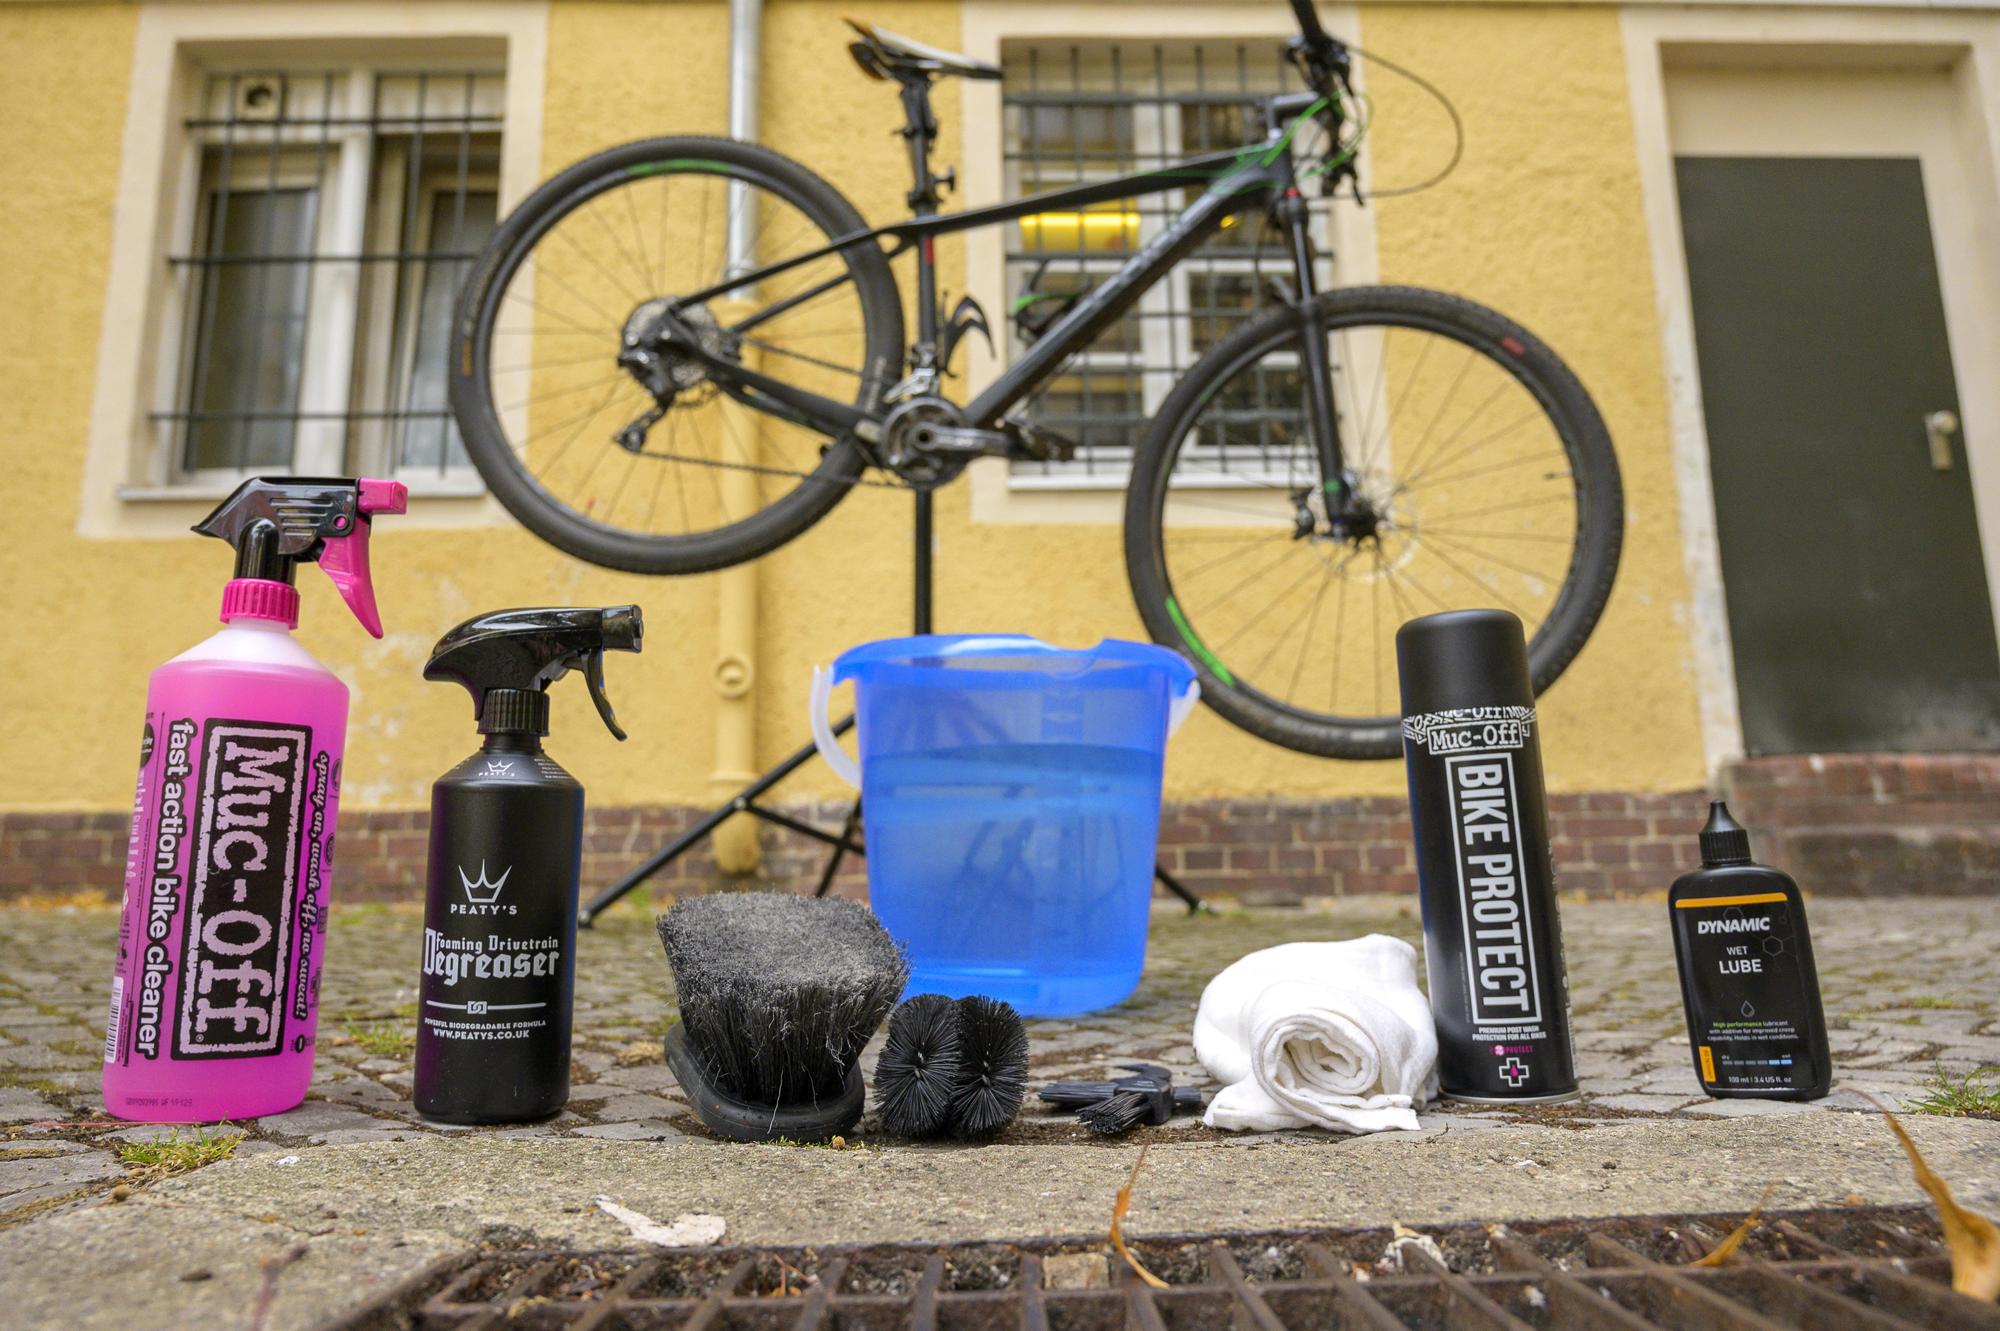 fahrrad Putzmittel - was braucht man für die Fahrradrenigung